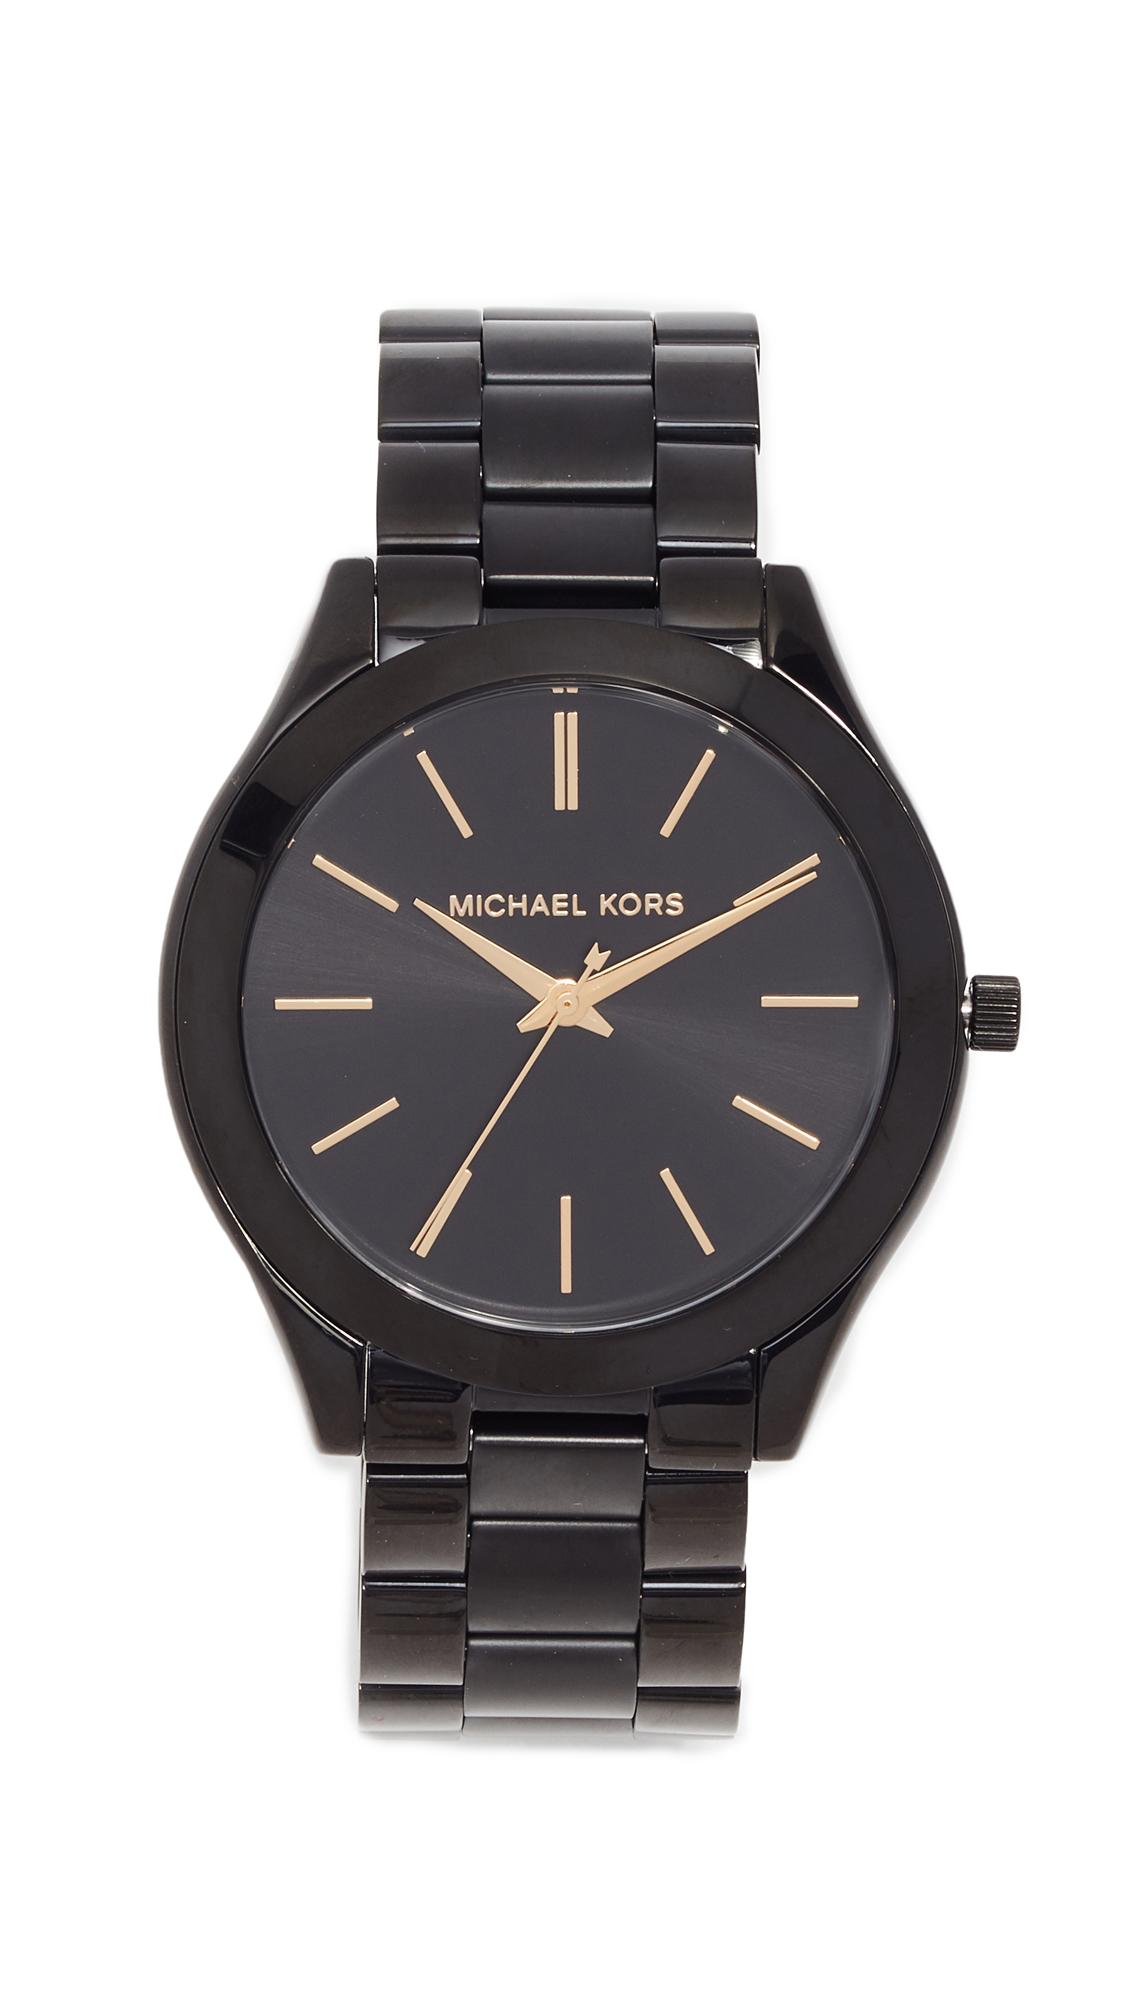 Michael Kors Slim Runway Watch - Black